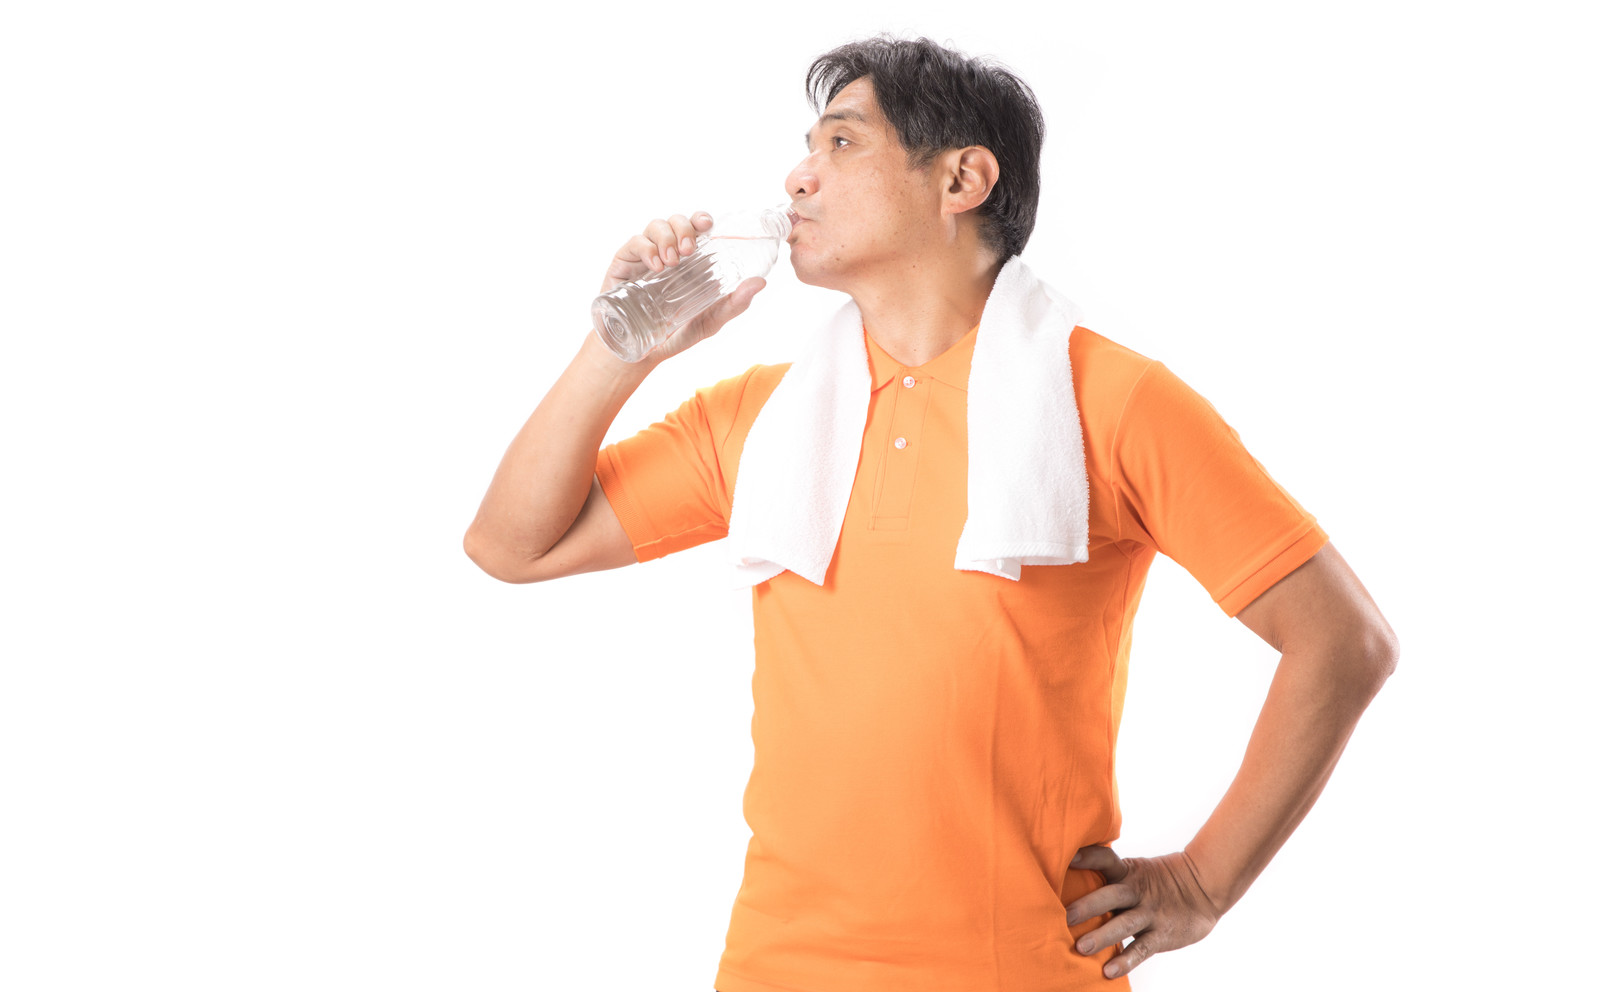 「こまめにペットボトルの水を飲むランニングお父さん | 写真の無料素材・フリー素材 - ぱくたそ」の写真[モデル:よたか]